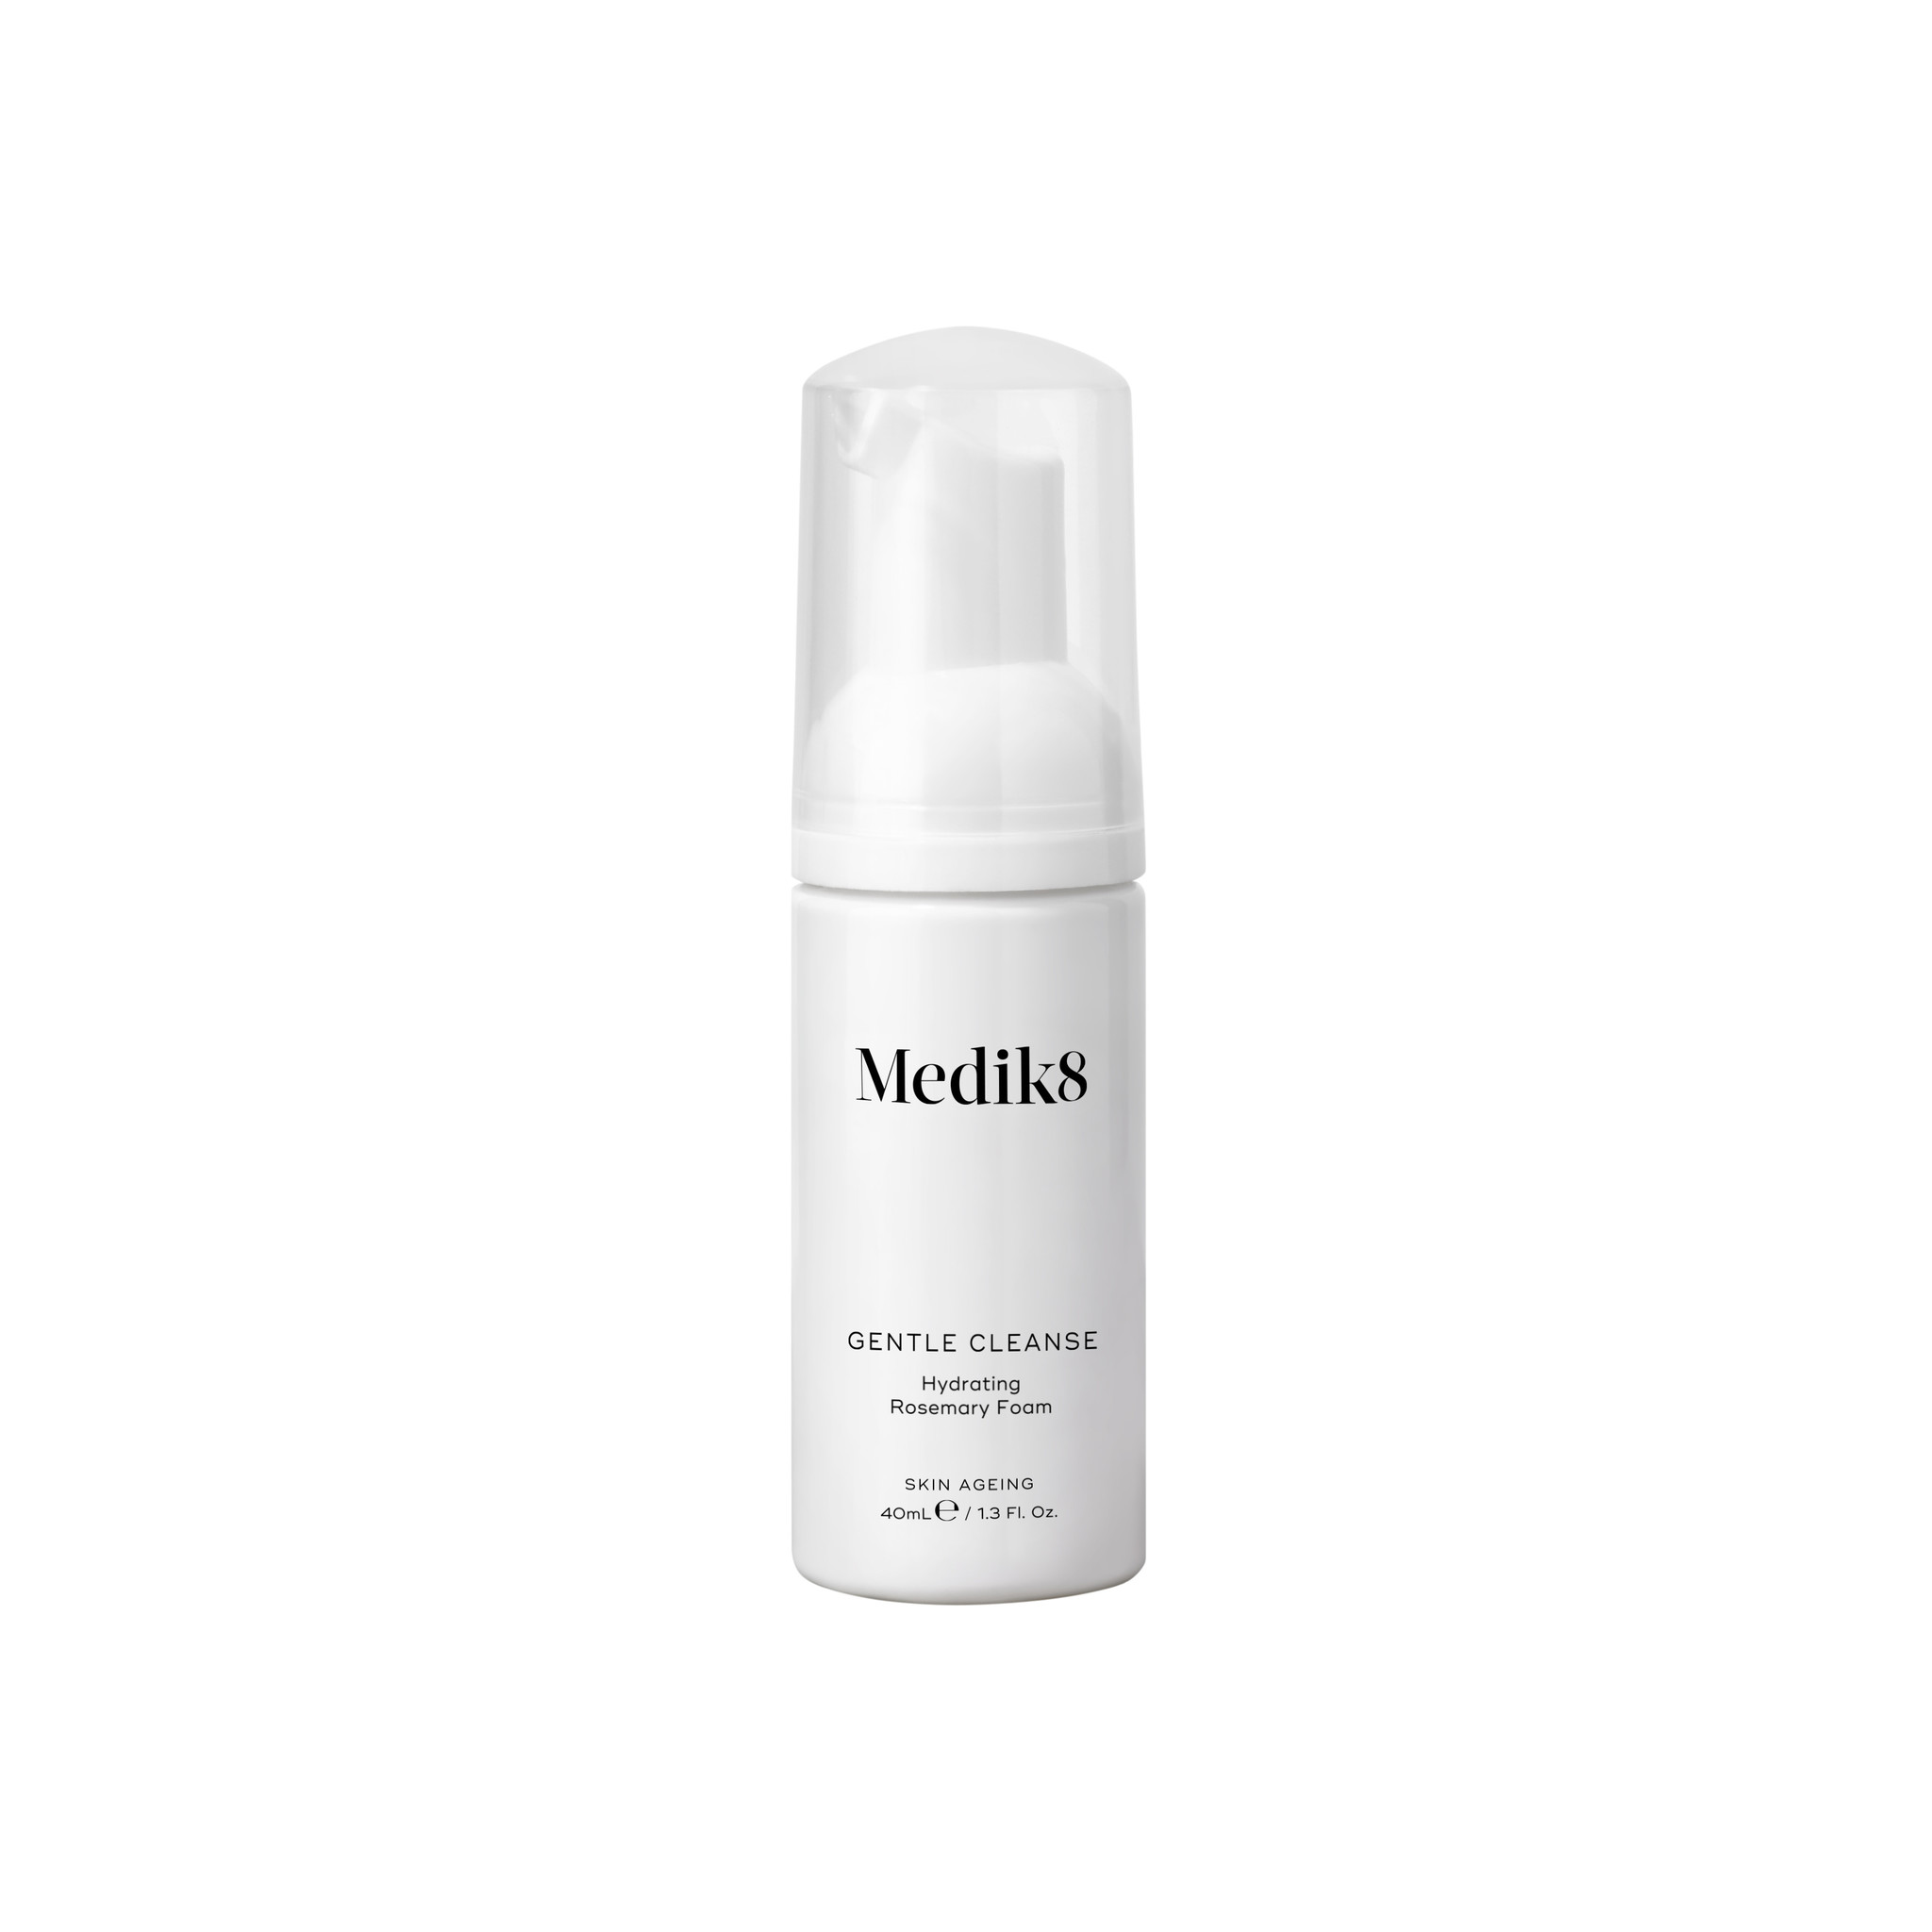 Medik8 Gentle Cleanse | Hydrating Rosemary Foam | 40ml